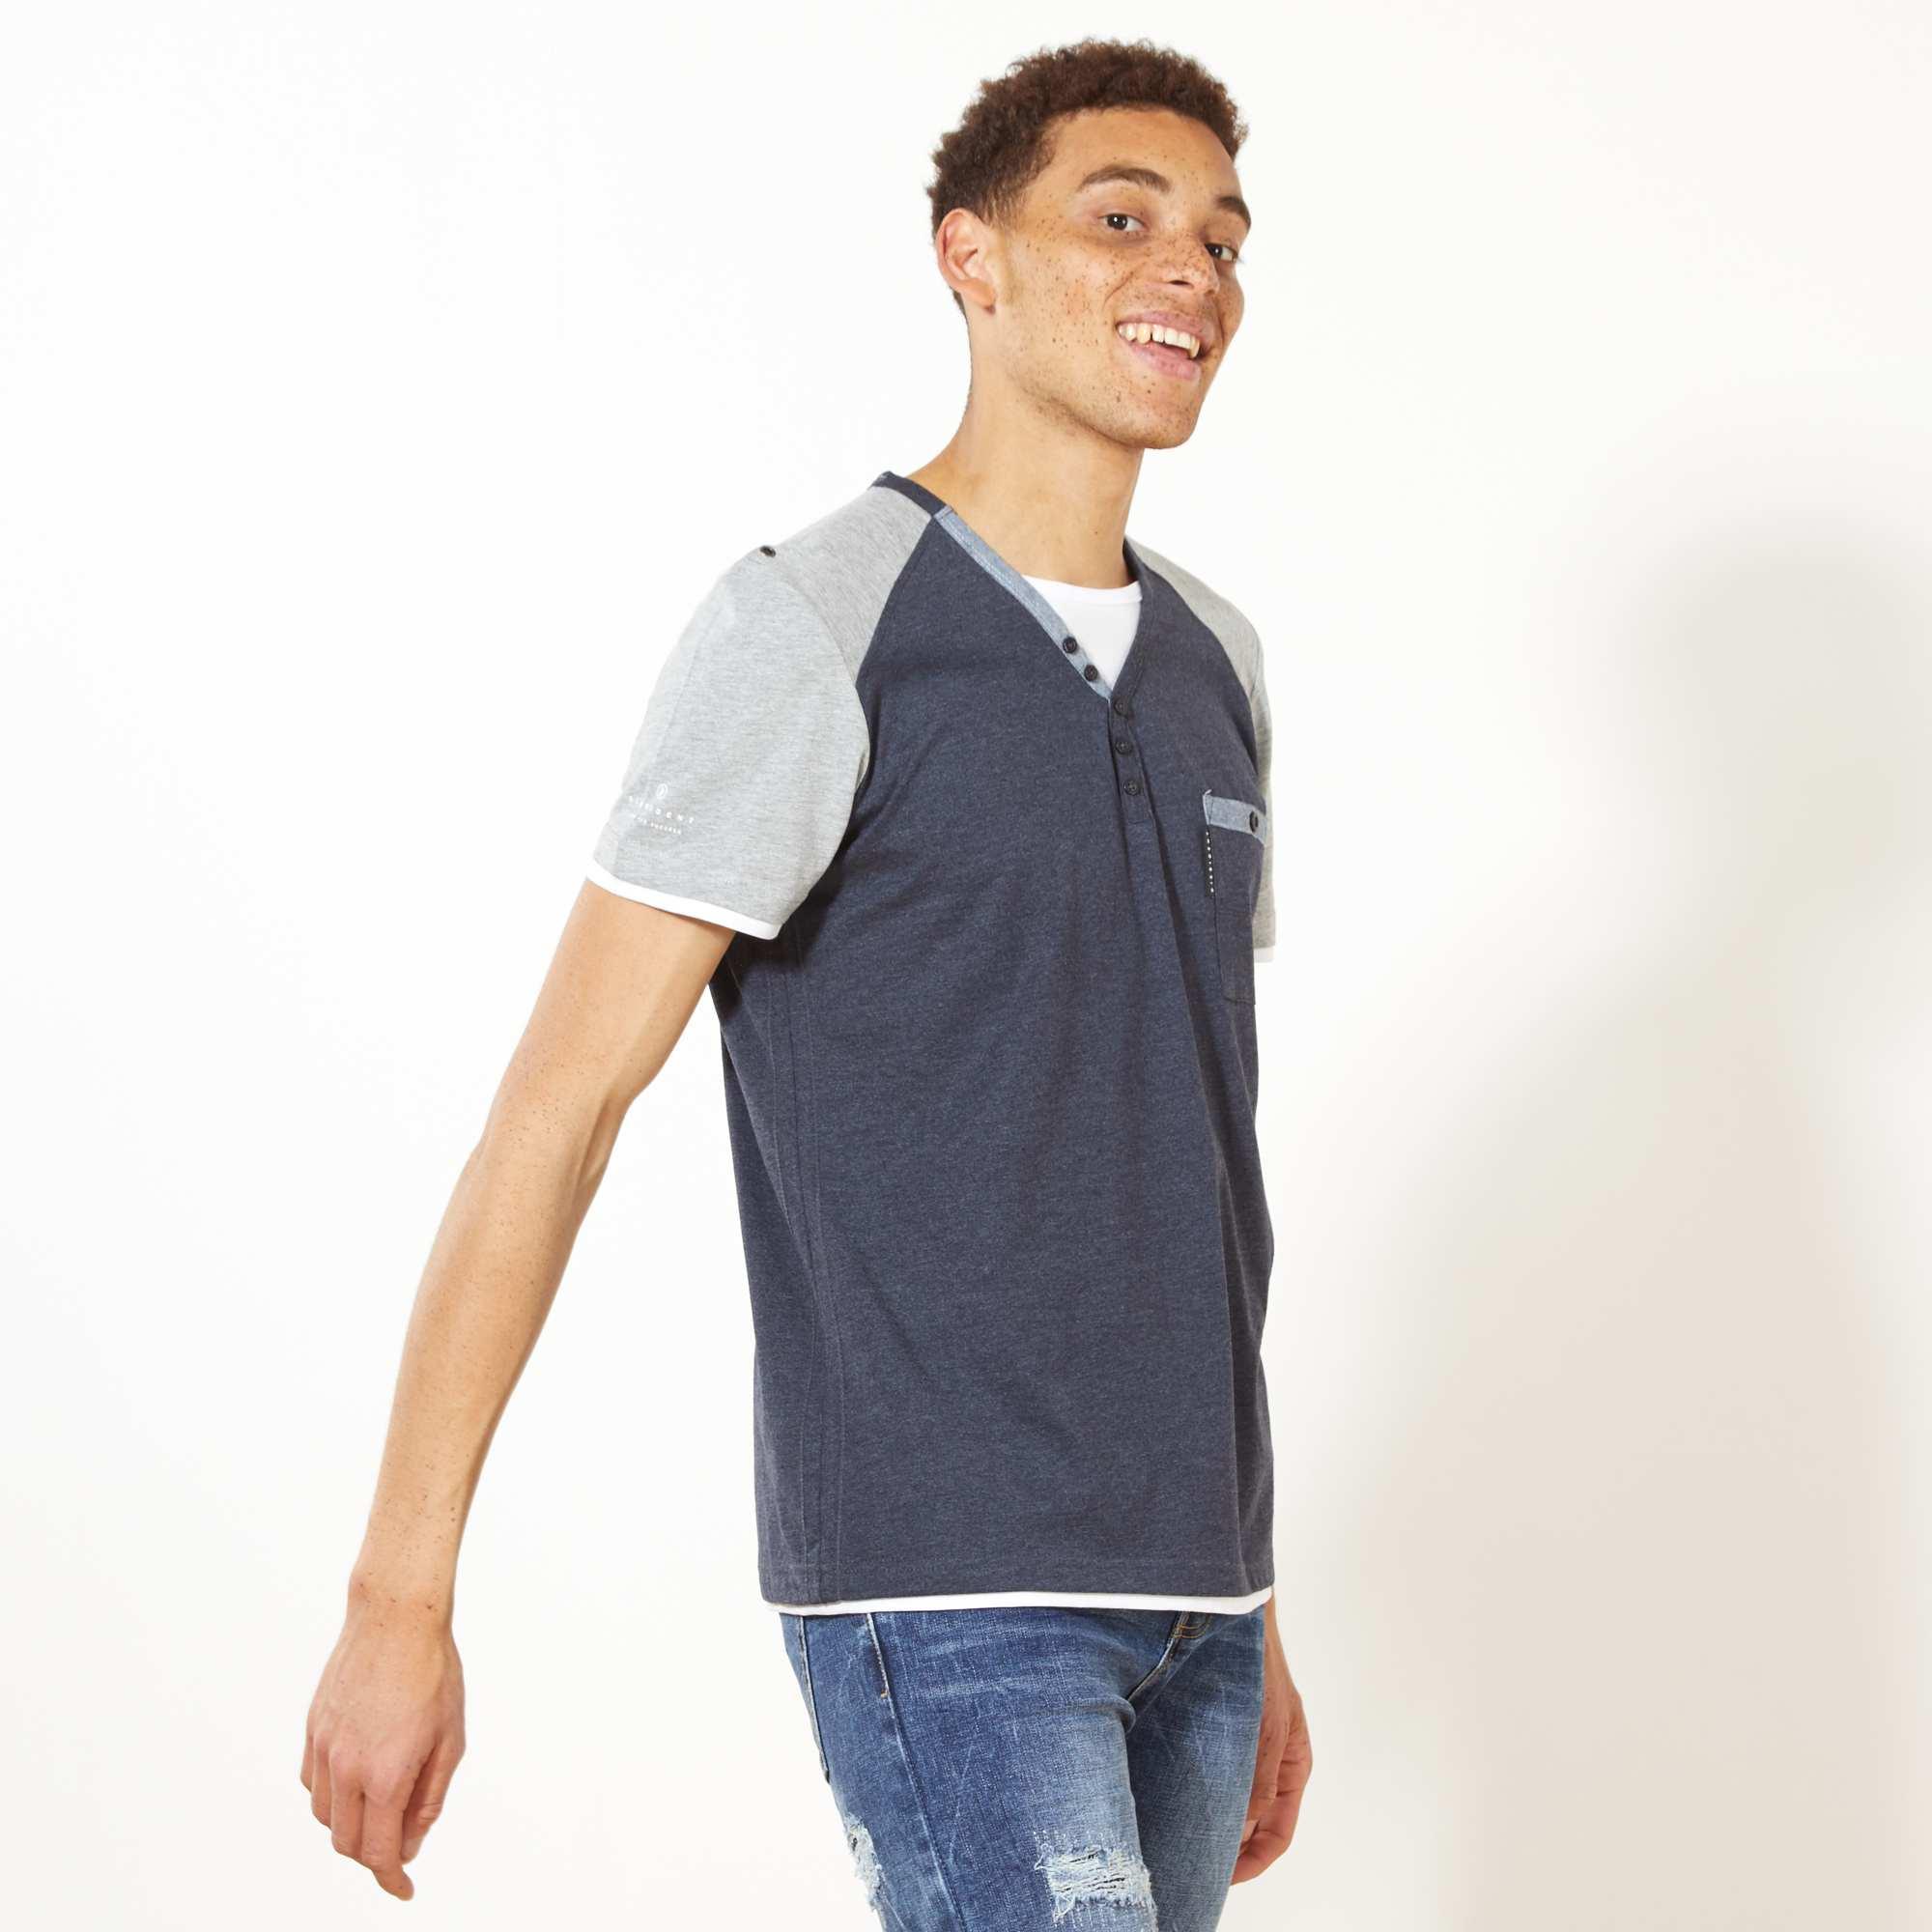 9ef4f3bf38a Camiseta bicolor con cuello panadero azul petróleo gris Hombre. Loading zoom